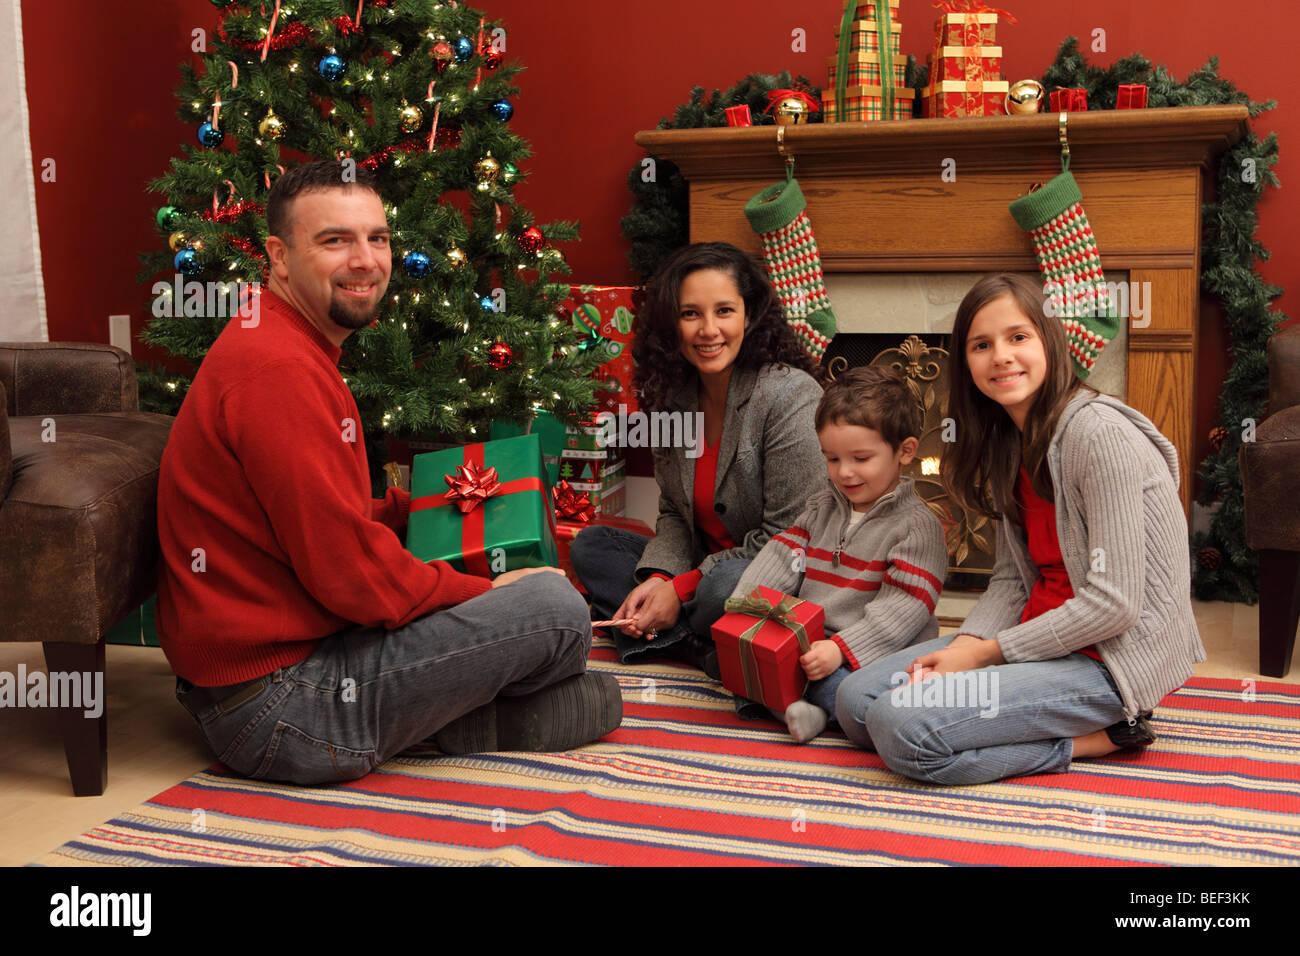 Familia con regalos por árbol de Navidad Imagen De Stock